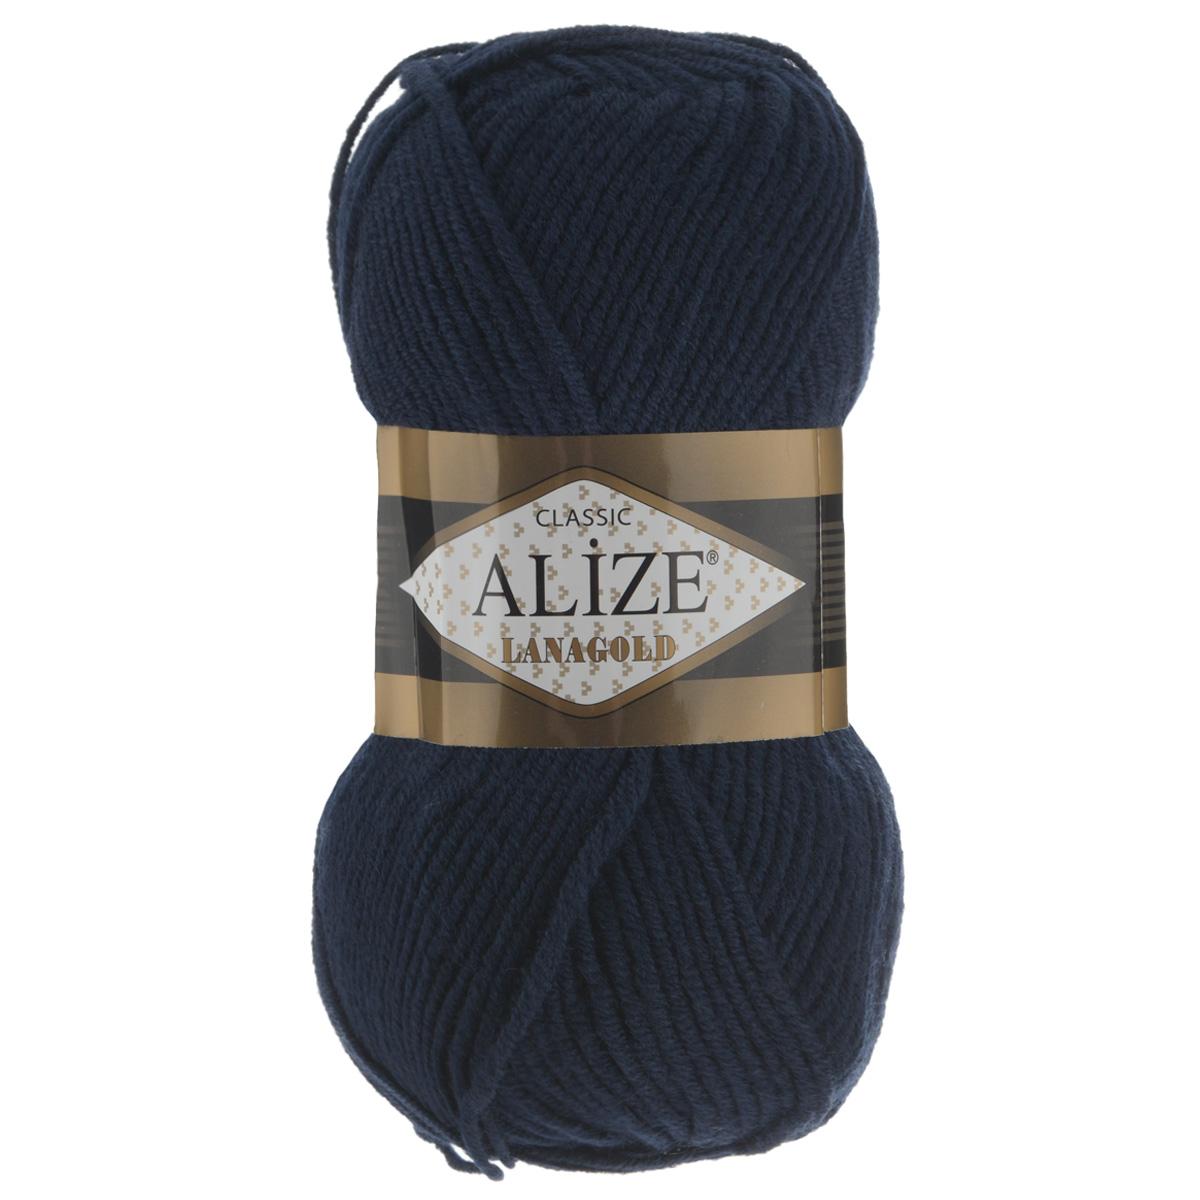 Пряжа для вязания Alize Lanagold, цвет: темно-синий (58), 240 м, 100 г, 5 шт364095_58Alize Lanagold - это полушерстяная пряжа для ручного вязания. Нить плотно скручена, гибкая, послушная, не пушится, не электризуется, аккуратно ложится в петли и не деформируется после распускания. Стойкое равномерное окрашивание обеспечивает широкую палитру оттенков. Соотношение шерсти и акрила - формула практичности. Высокие тепловые характеристики сочетаются с эстетикой, носкостью и простотой ухода за вещью. Классическая пряжа для зимнего сезона, может использоваться для детской и взрослой одежды. Alize Lanagold - универсальная пряжа, которая будет хорошо смотреться в узорах любой сложности. Рекомендуемый размер спиц 4-6 мм. Состав: 49% шерсть, 51% акрил.